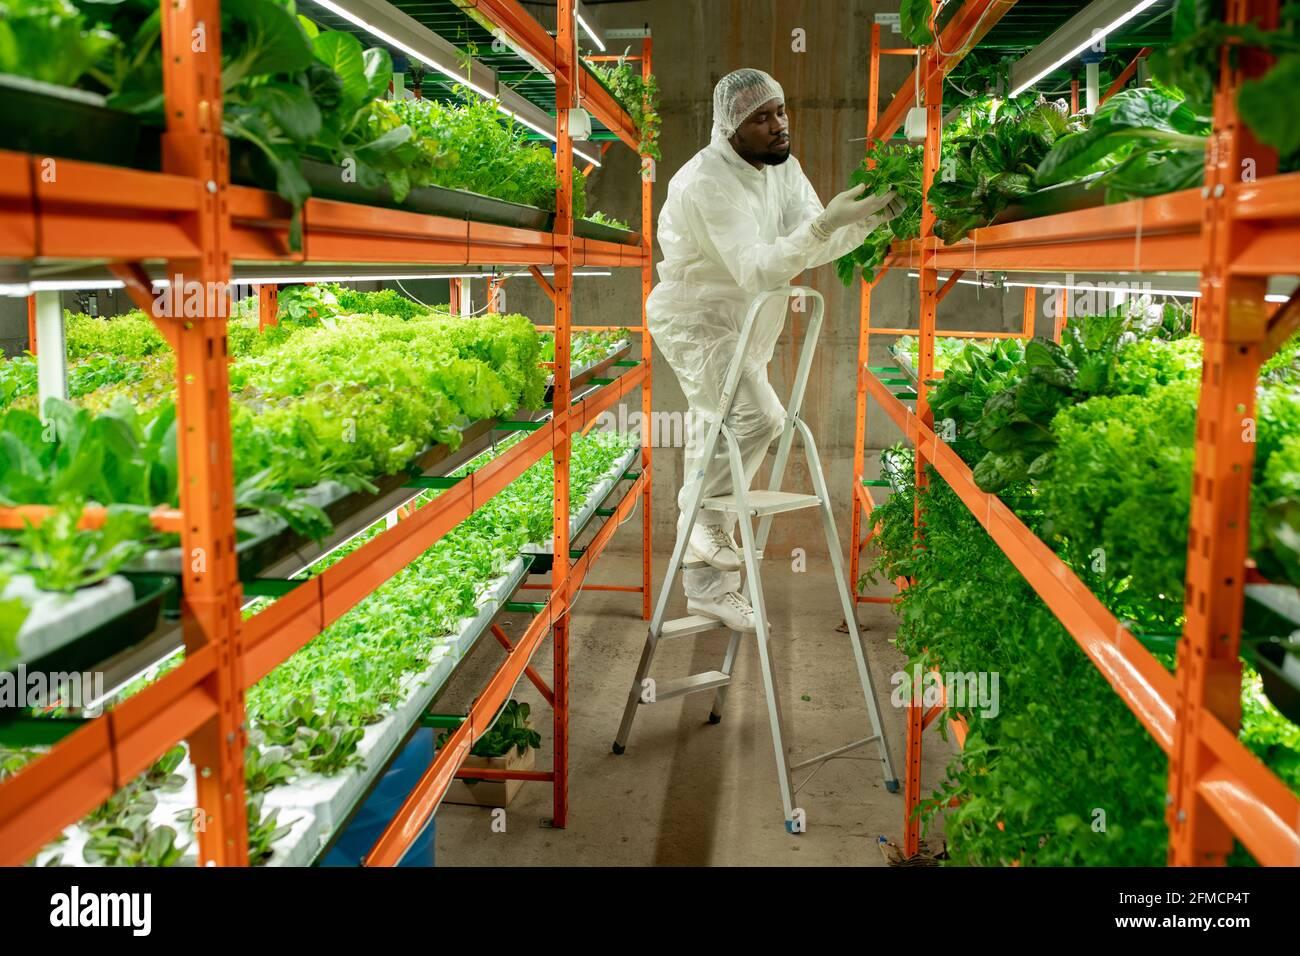 Jeune ouvrier sérieux de serre noir en chapeau et en costume de protection se tenir sur l'échelle et toucher les feuilles de laitue pendant la vérification santé des plantes Banque D'Images